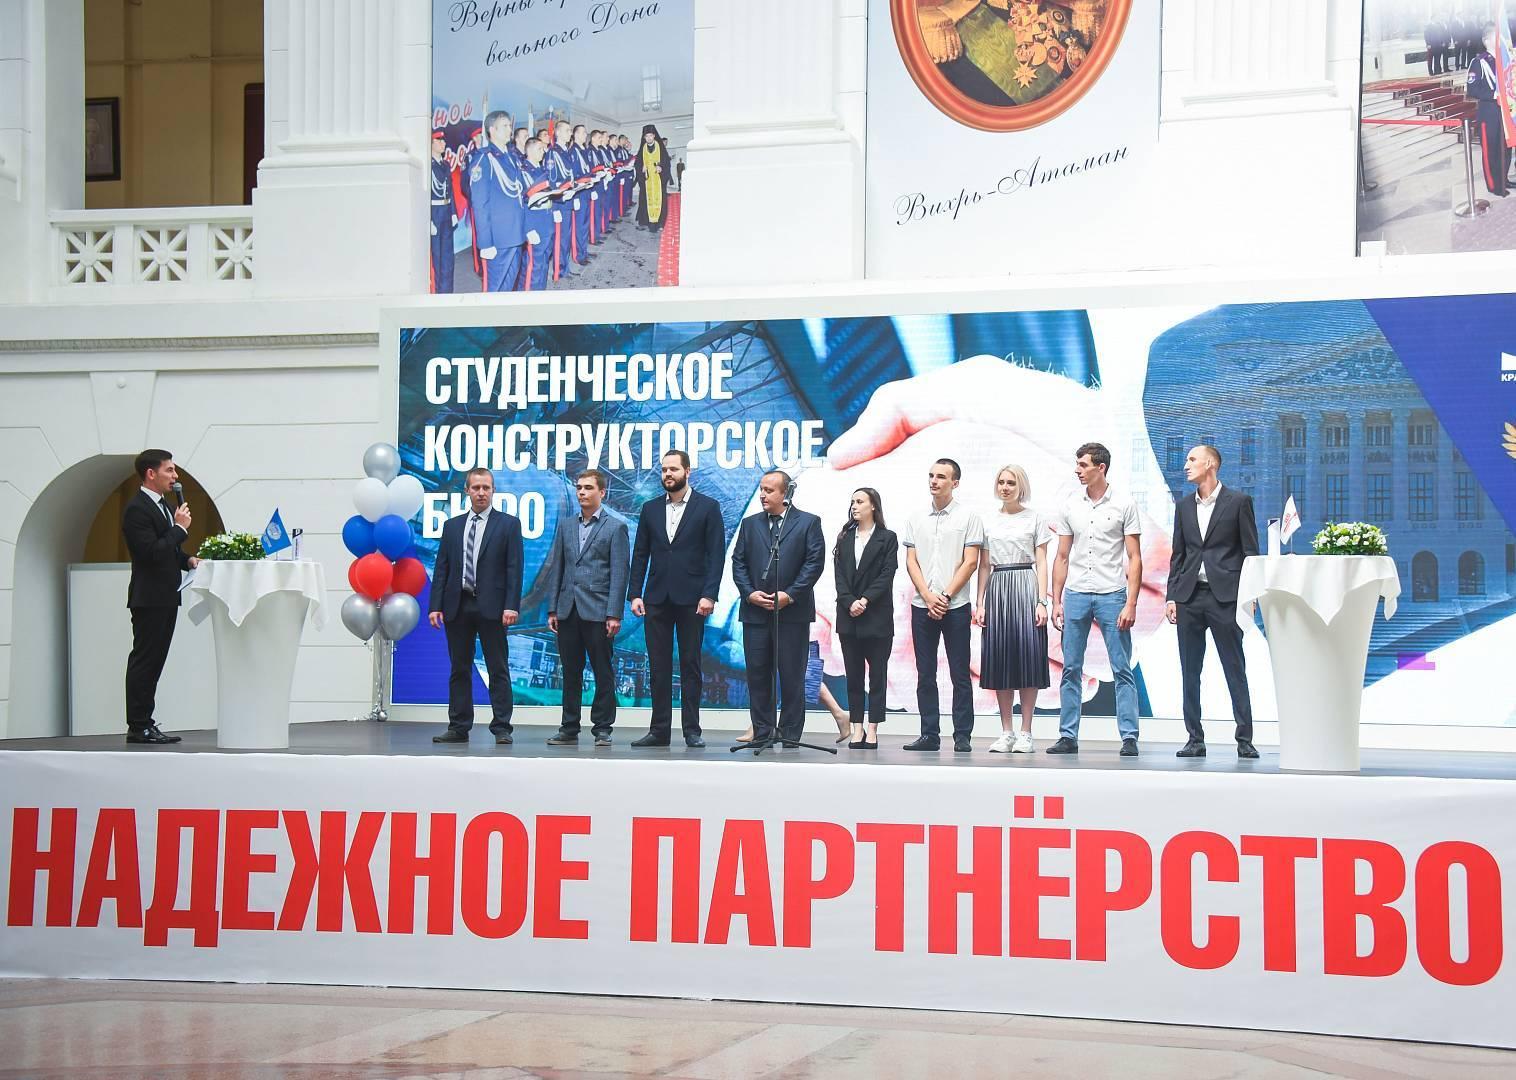 Политех подготовит классных специалистов для таганрогского «Красного котельщика»